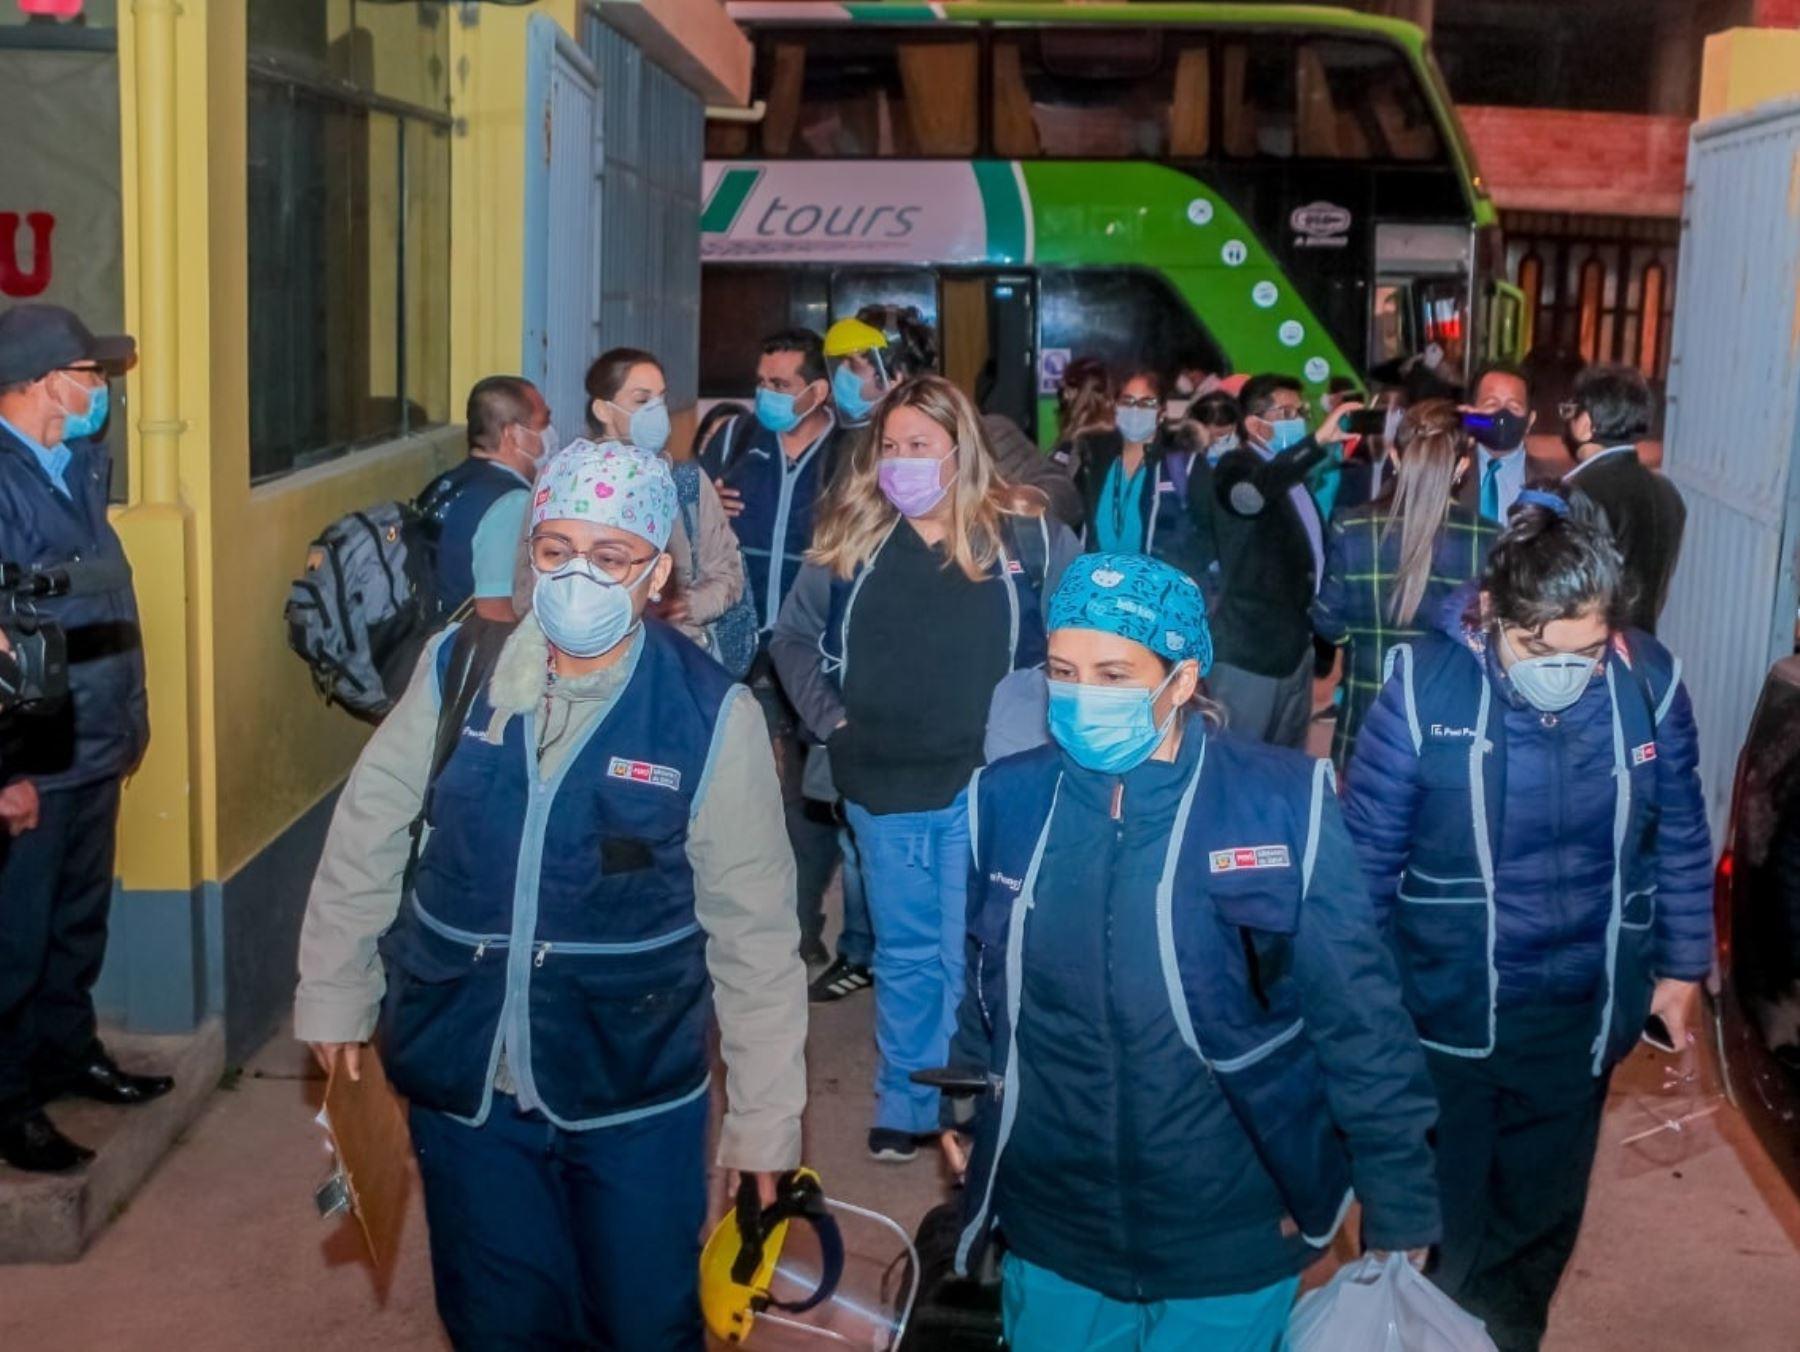 Arriba a Áncash brigada médica enviada por el Ministerio de Salud para fortalecer la lucha contra la pandemia de coronavirus en Huaraz y Chimbote.